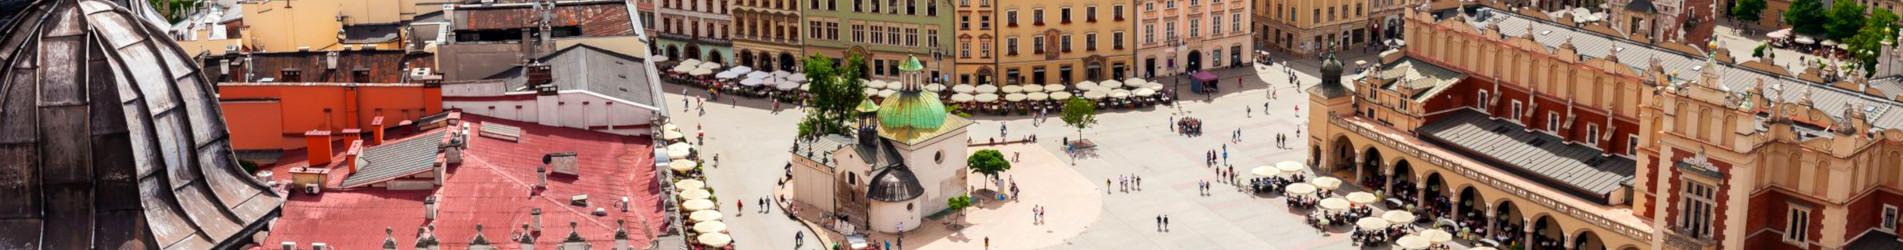 Zentrum von Krakau